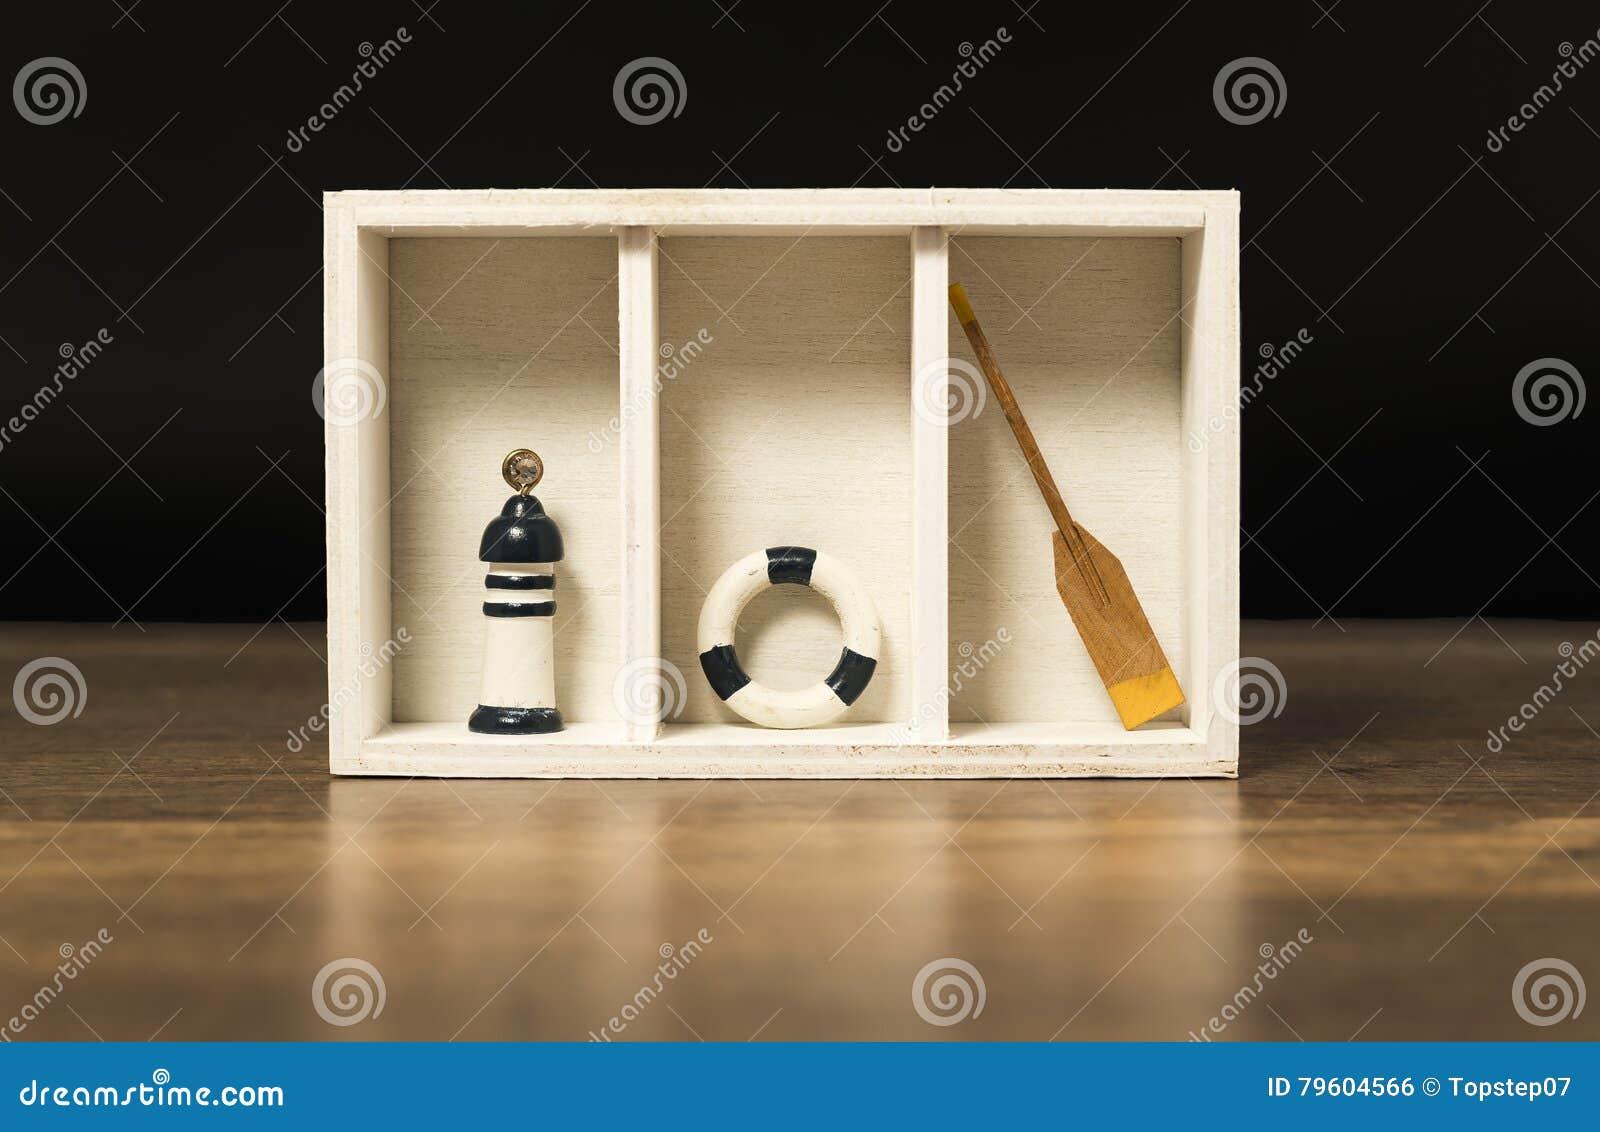 Caixa de madeira branca com boia salva-vidas, pá e farol